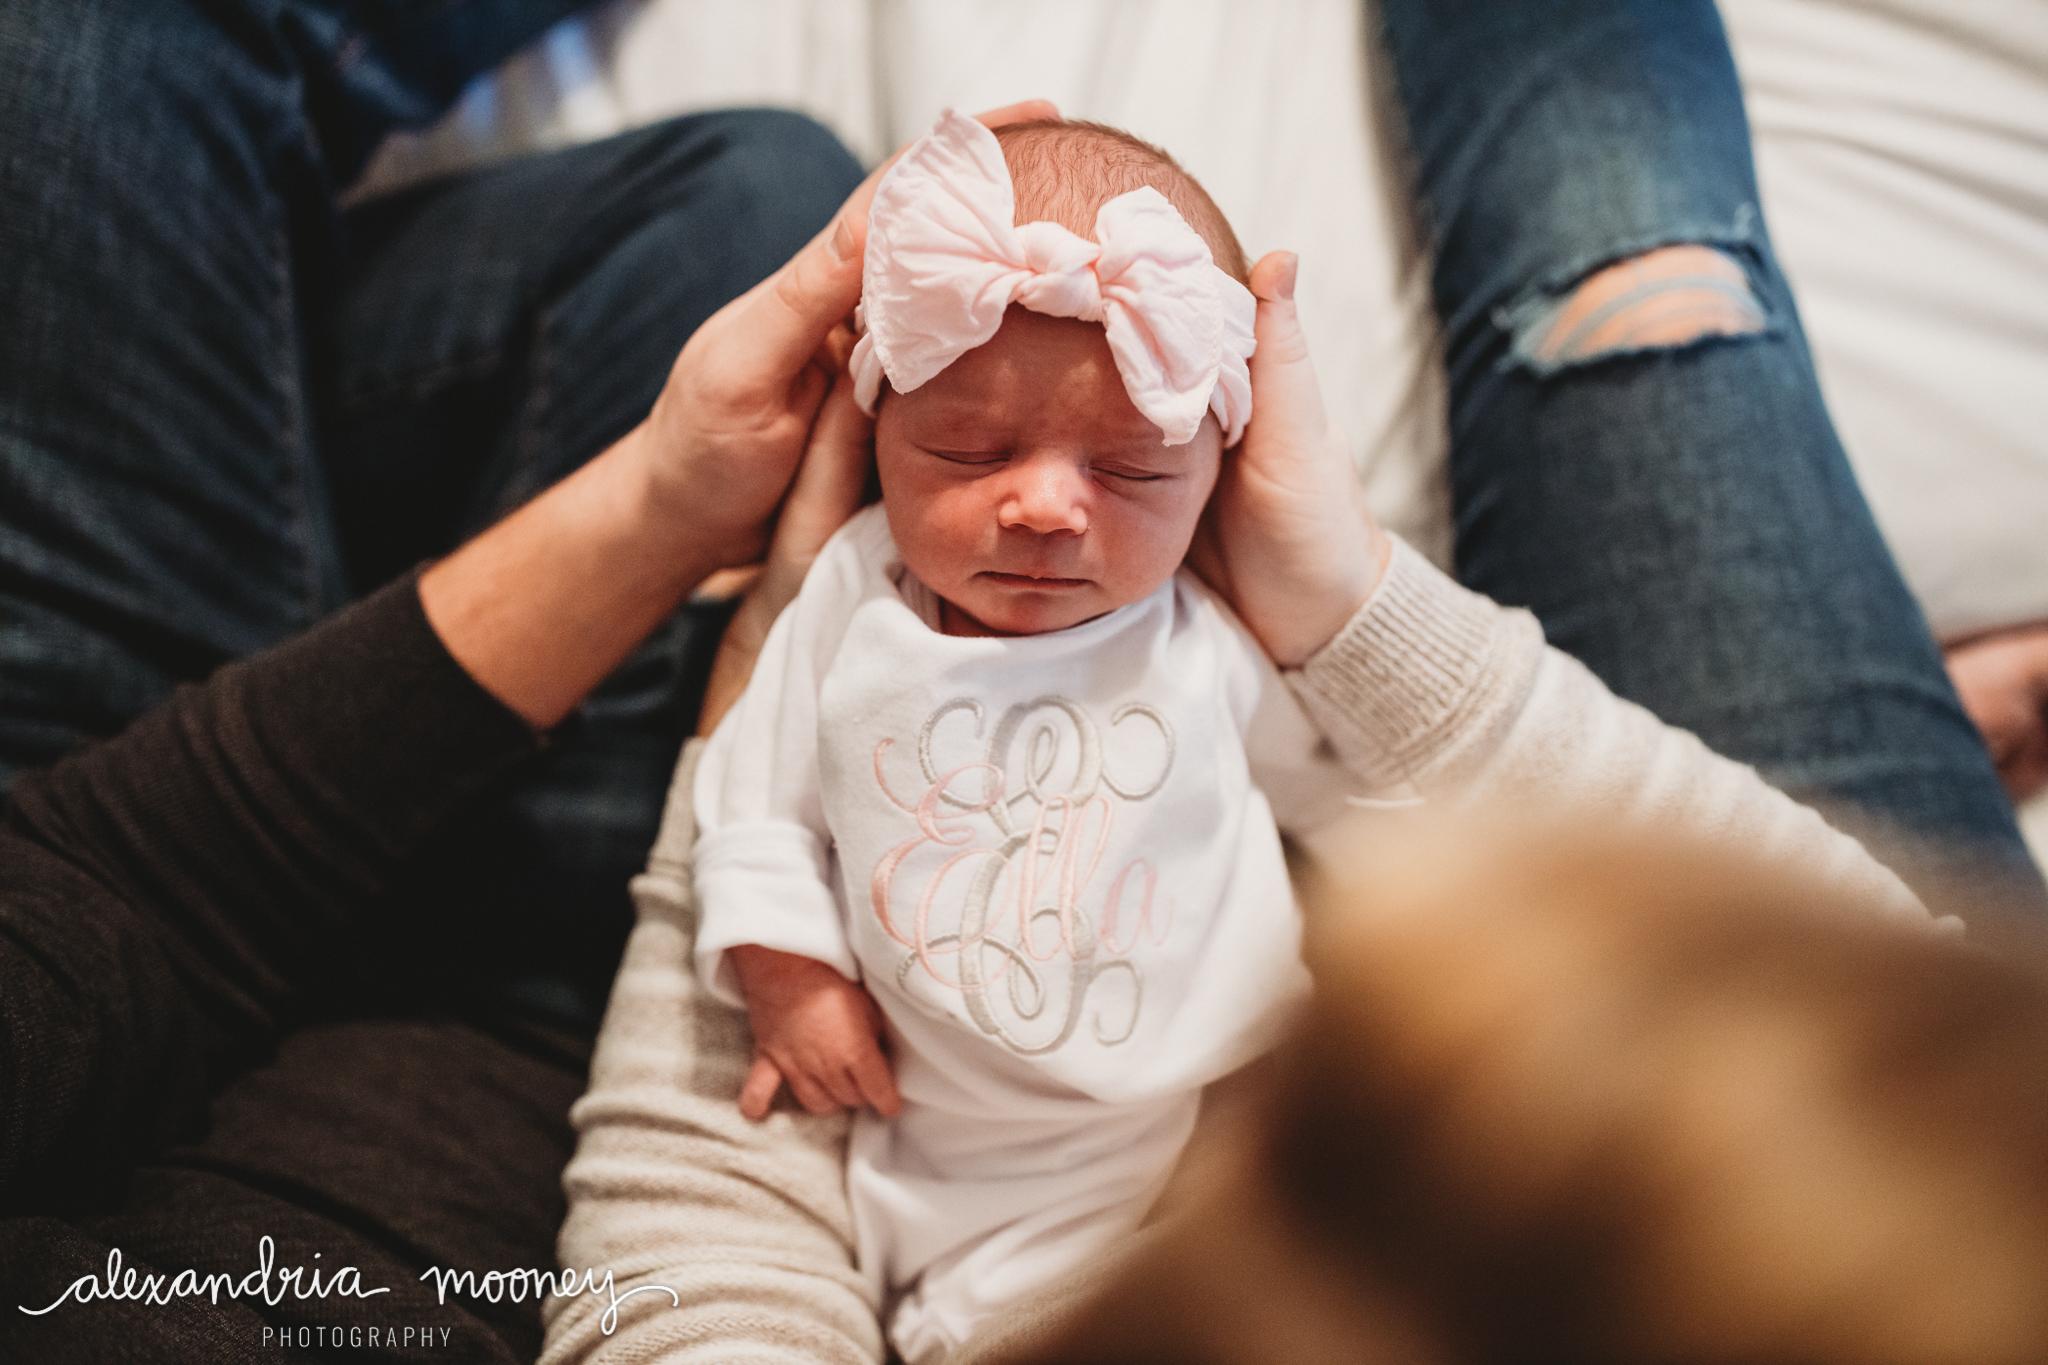 Eleanor_Newborn_WATERMARKED-1.jpg